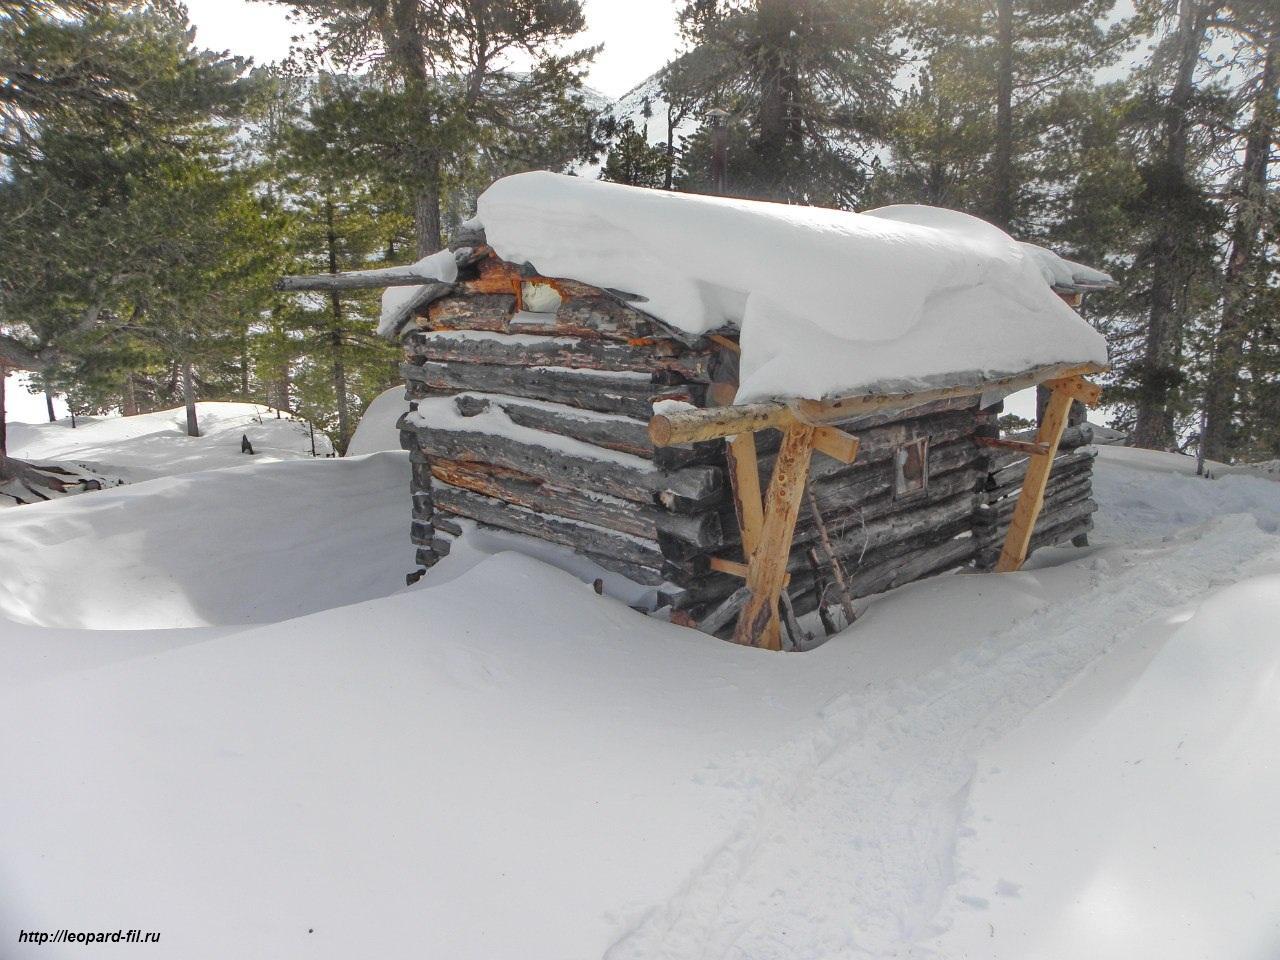 Факторы эффективной зимовки в условиях долговременных лагерей и поселений